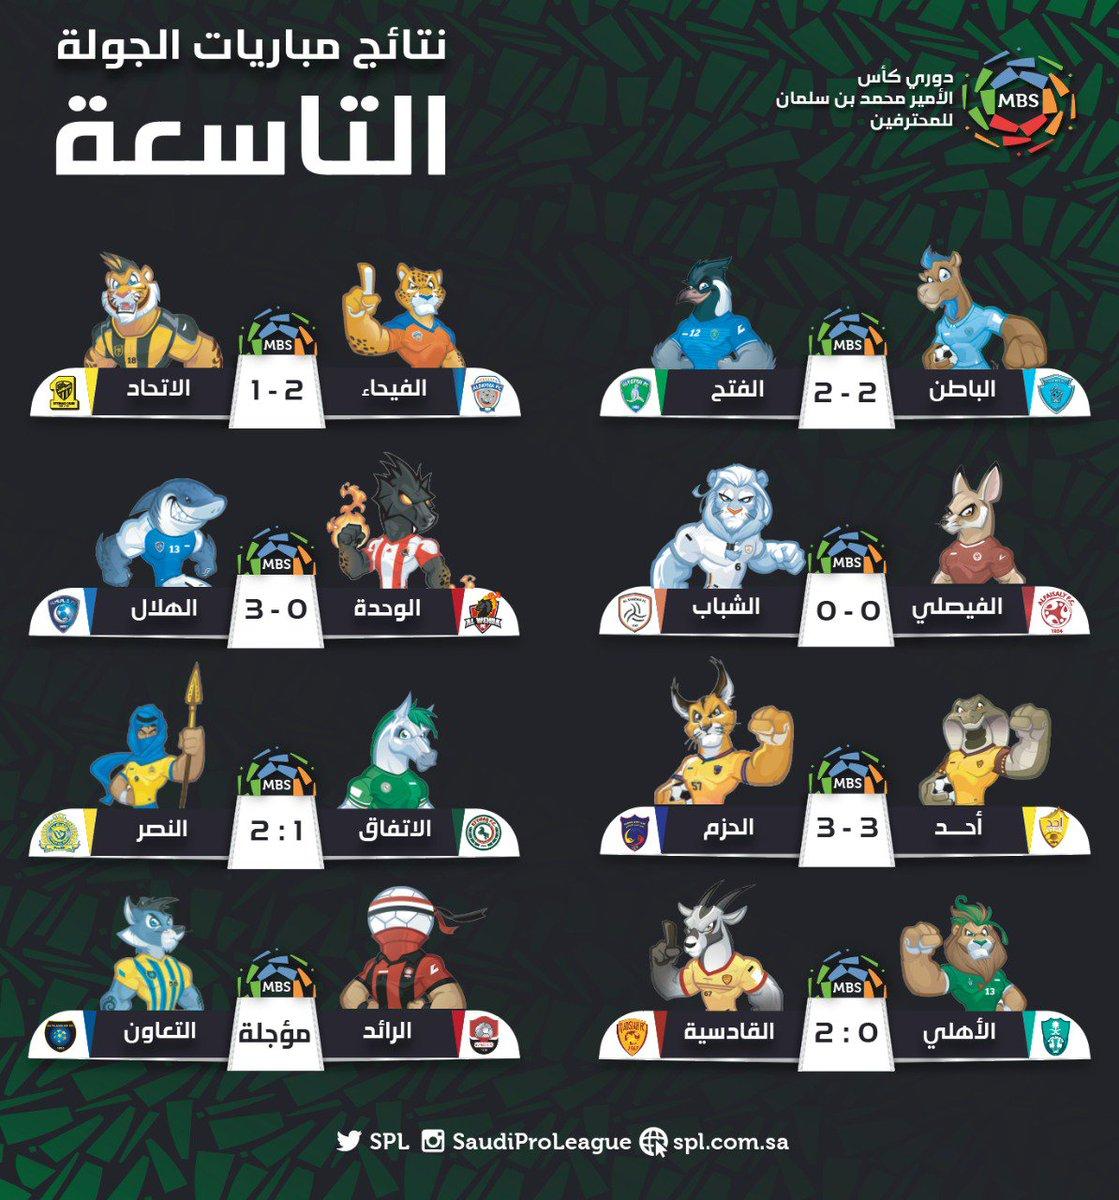 جدول التريب^الهدافين^صناع الأهداف^الحضور الجماهيري^المباريات القادمة^النتائج^.....